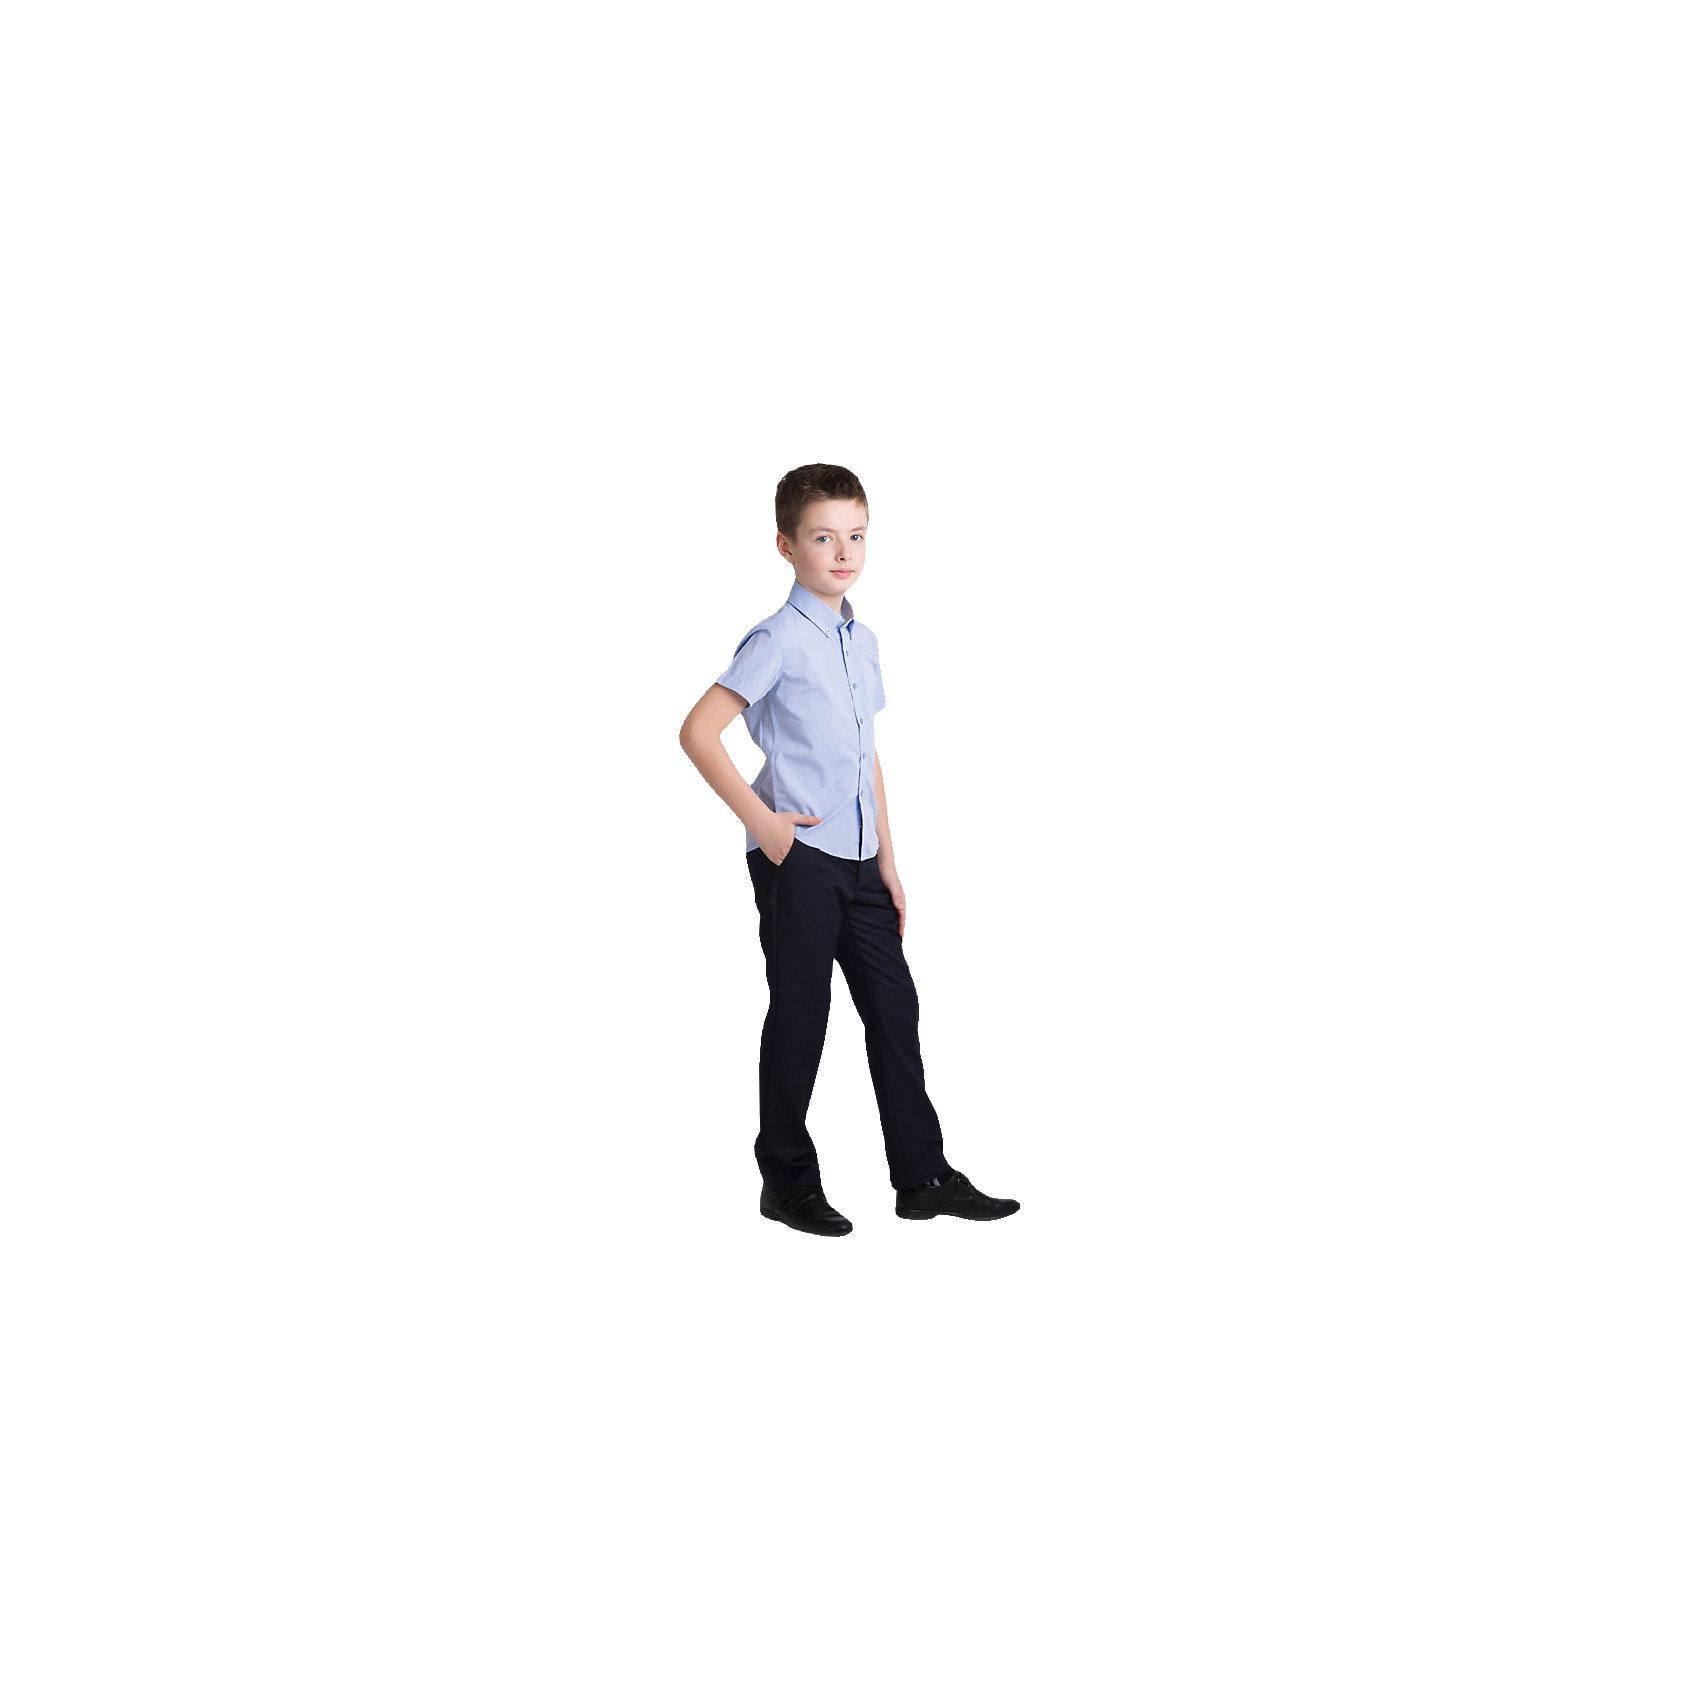 Рубашка для мальчика ScoolБлузки и рубашки<br>Рубашка для мальчика от известной марки Scool.<br>* стильная сорочка с коротким рукавом<br>* накладной карман на груди<br>* отложной воротник классической формы<br>* застежка - пуговицы<br>* манжеты на одной пуговице<br>Состав:<br>100% хлопок<br><br>Ширина мм: 174<br>Глубина мм: 10<br>Высота мм: 169<br>Вес г: 157<br>Цвет: голубой<br>Возраст от месяцев: 144<br>Возраст до месяцев: 156<br>Пол: Мужской<br>Возраст: Детский<br>Размер: 158,152,164,128,140,134,146<br>SKU: 4140565